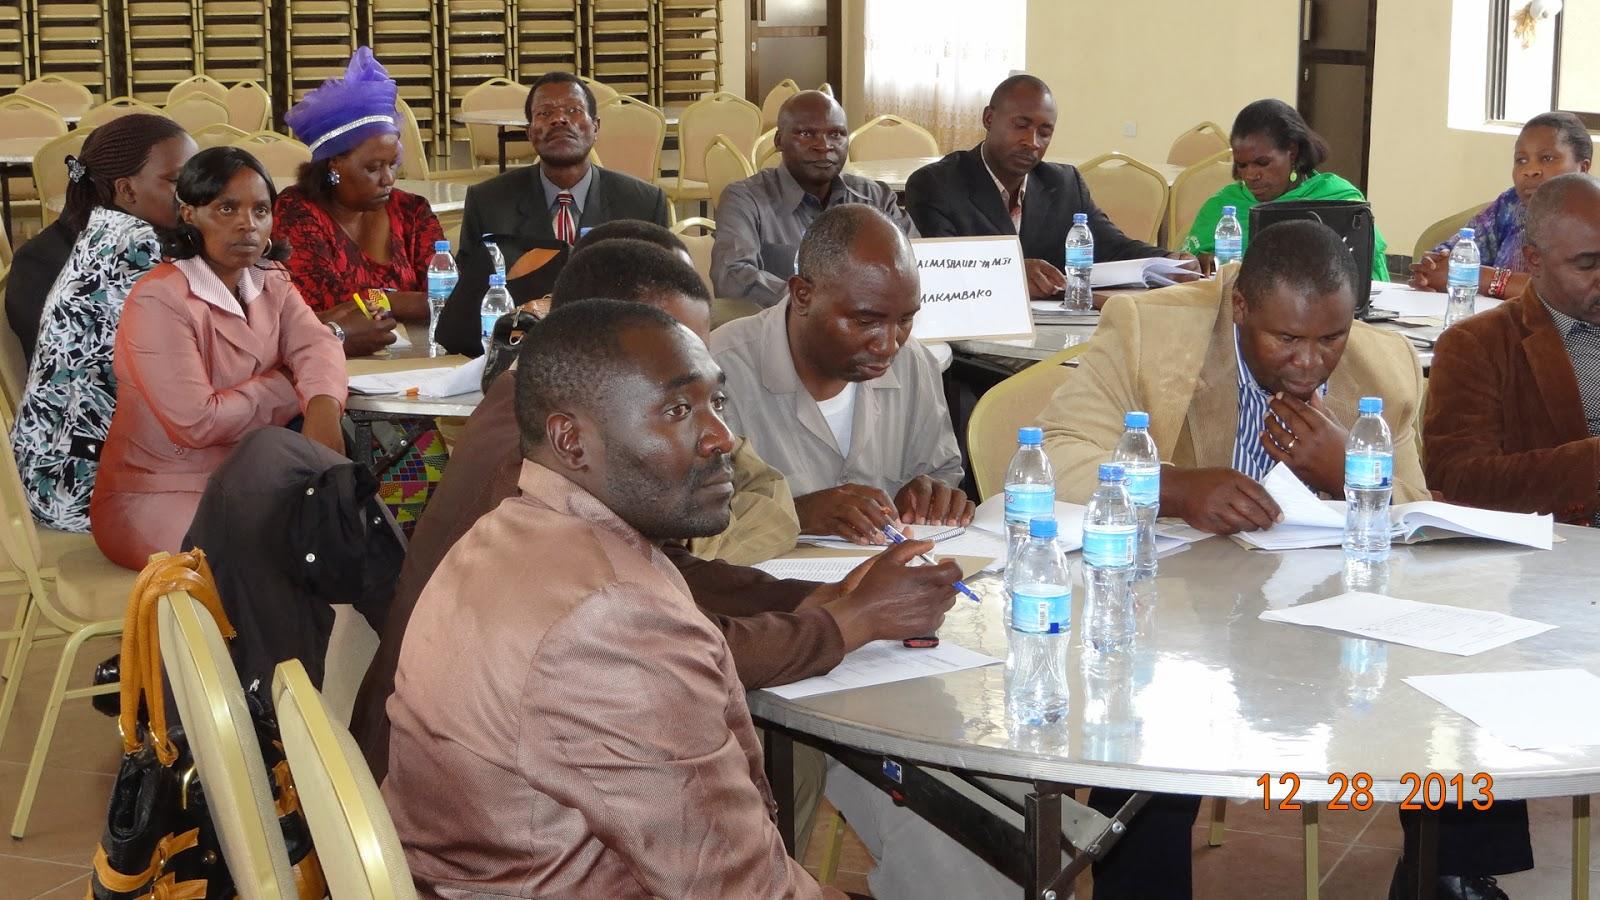 Nafasi za Kujiunga na Kidato cha Kwanza Hapo Januari Mwaka 2014